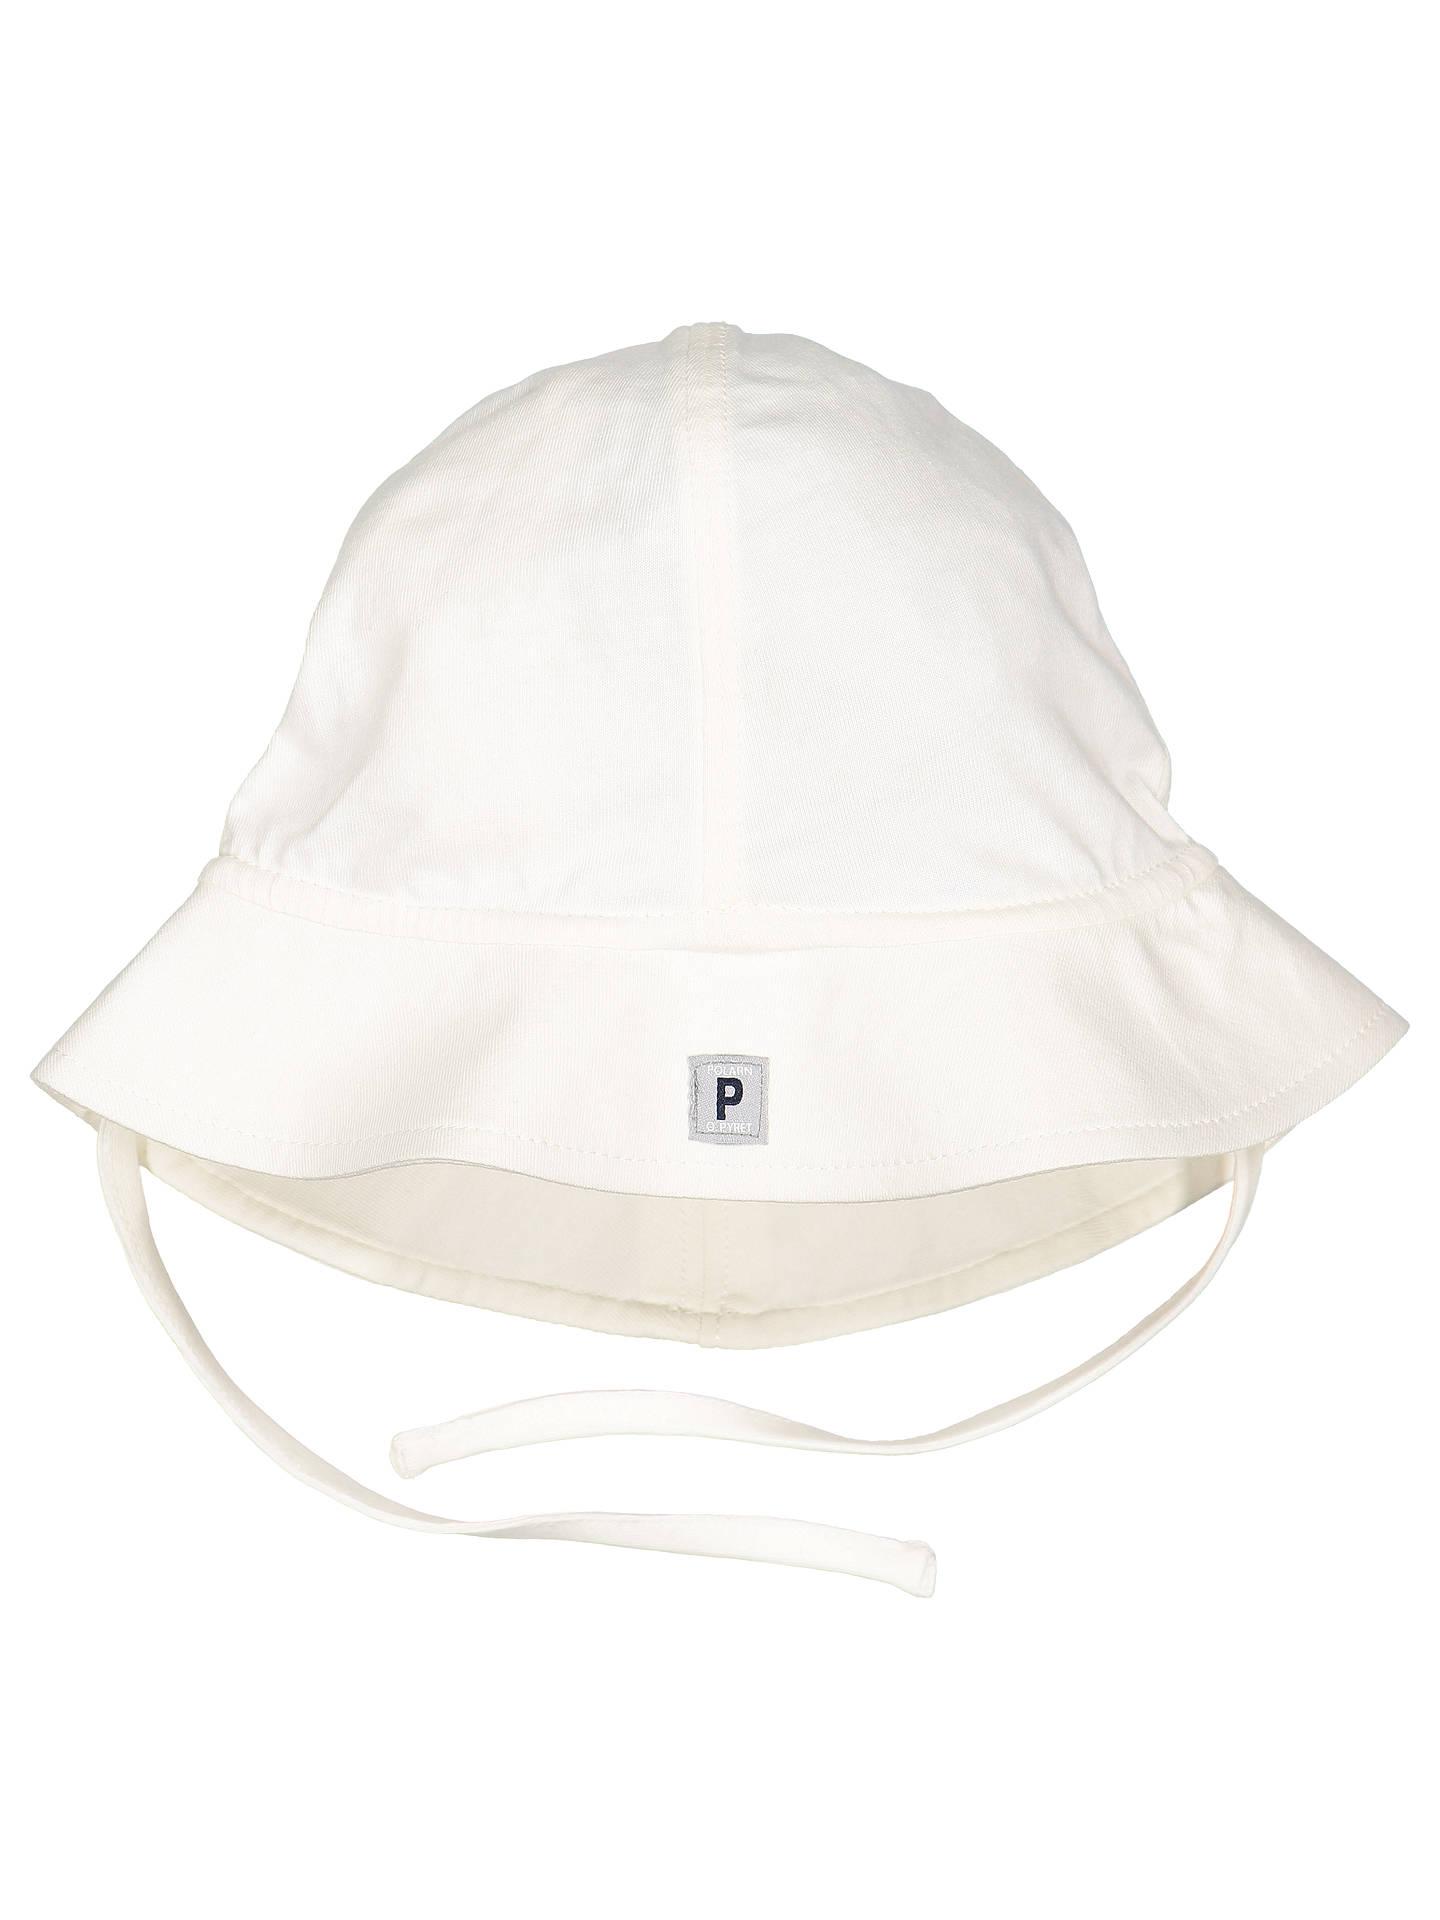 BuyPolarn O. Pyret Baby Sun Hat a62e8547d23